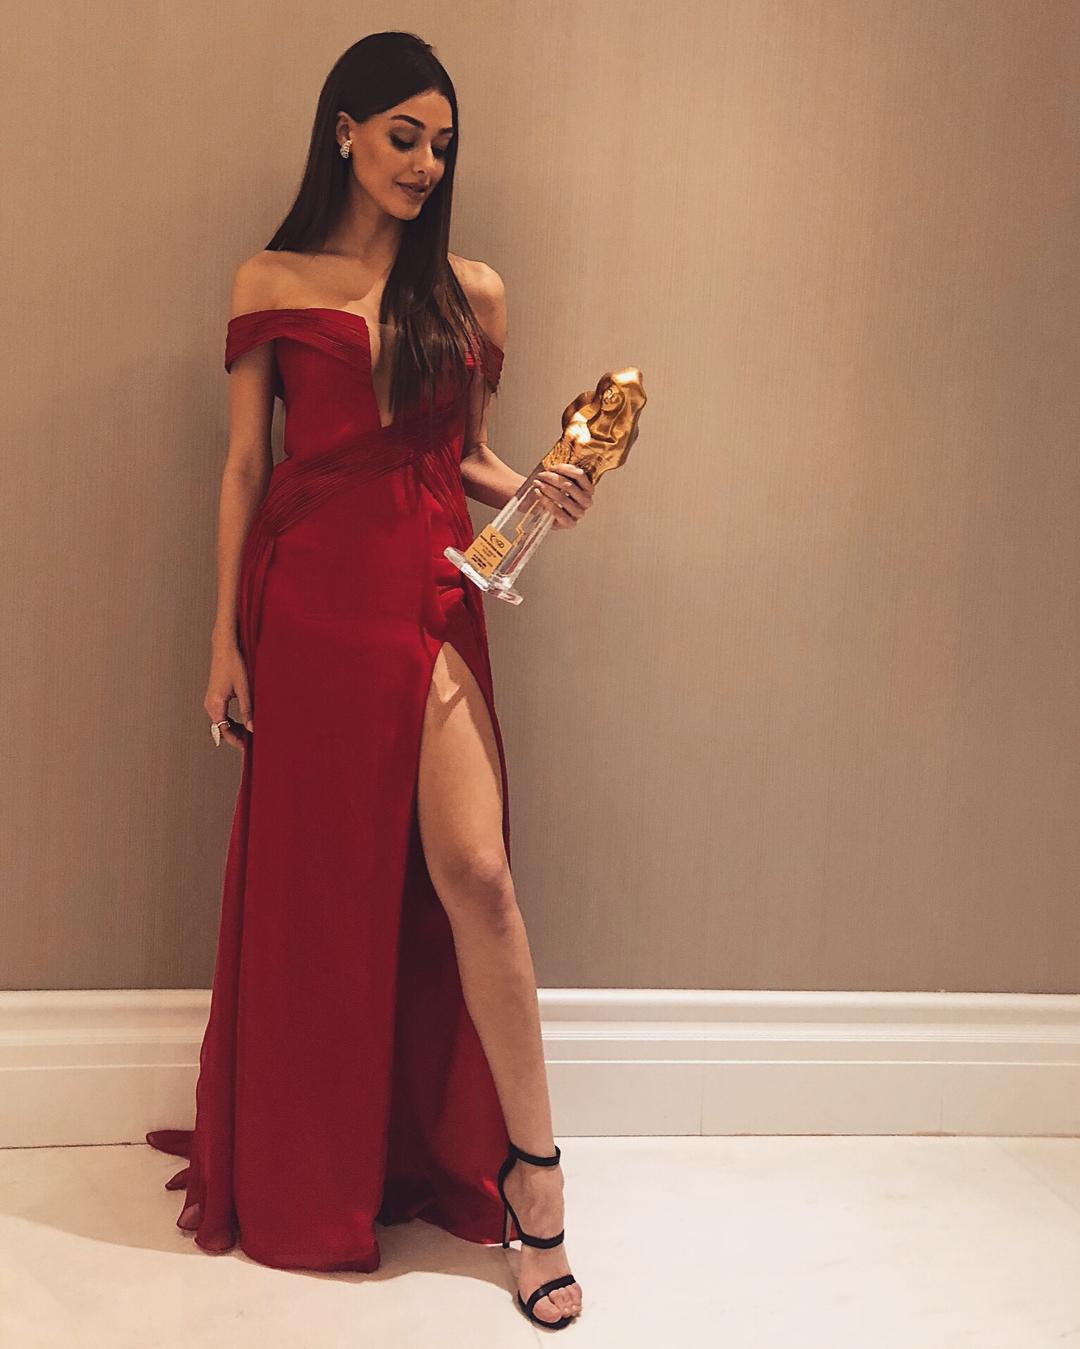 Derin yırtmaçlı seksi kırmızı elbisesi ile gecenin yıldızı Dilan Çiçek Deniz. Türkiye'nin en sexy giyinen ünlü kadınlarının en cesur pozları bu sitede.